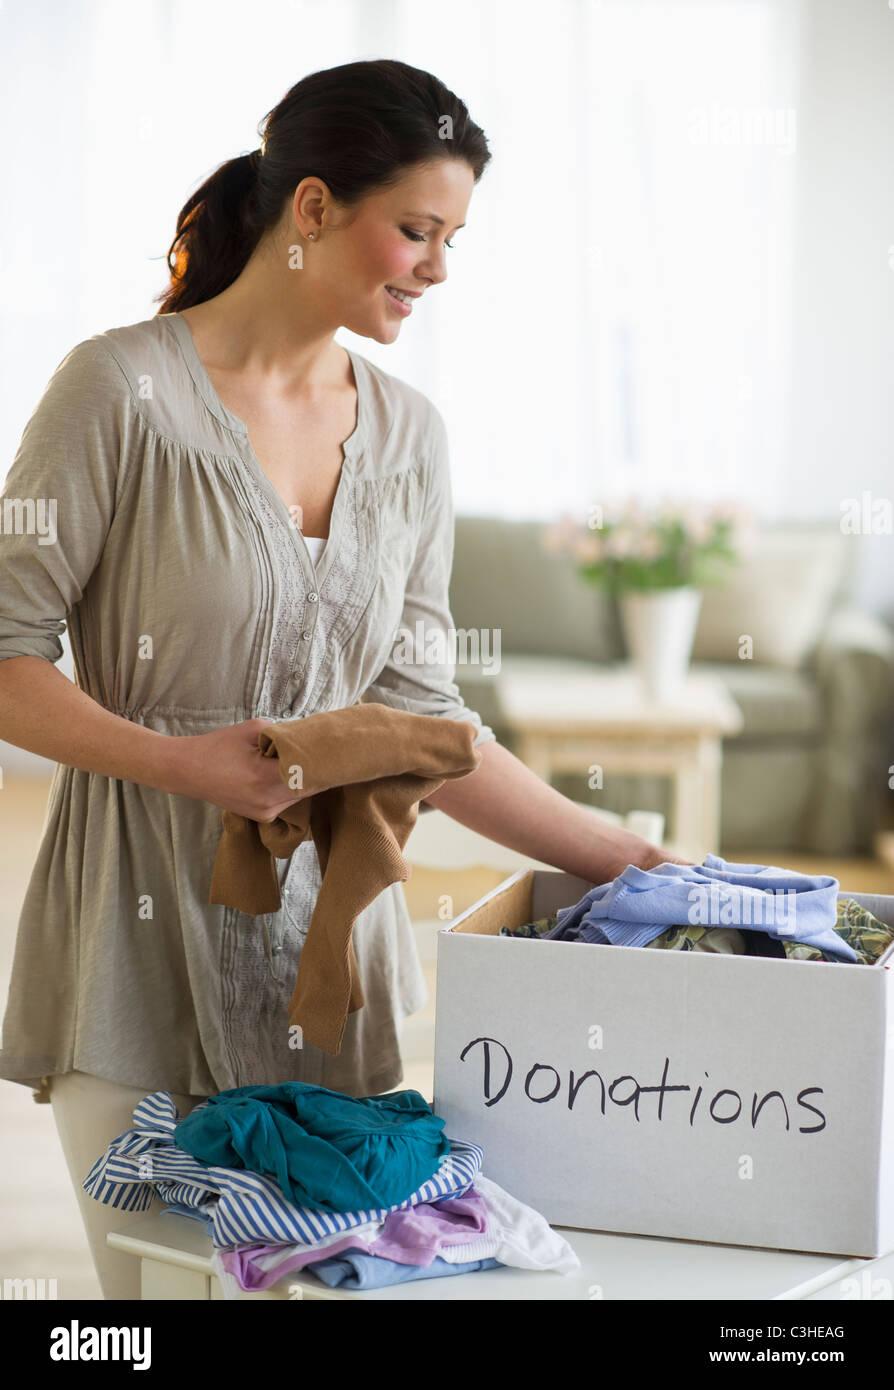 Mujer preparando ropa para donación Imagen De Stock